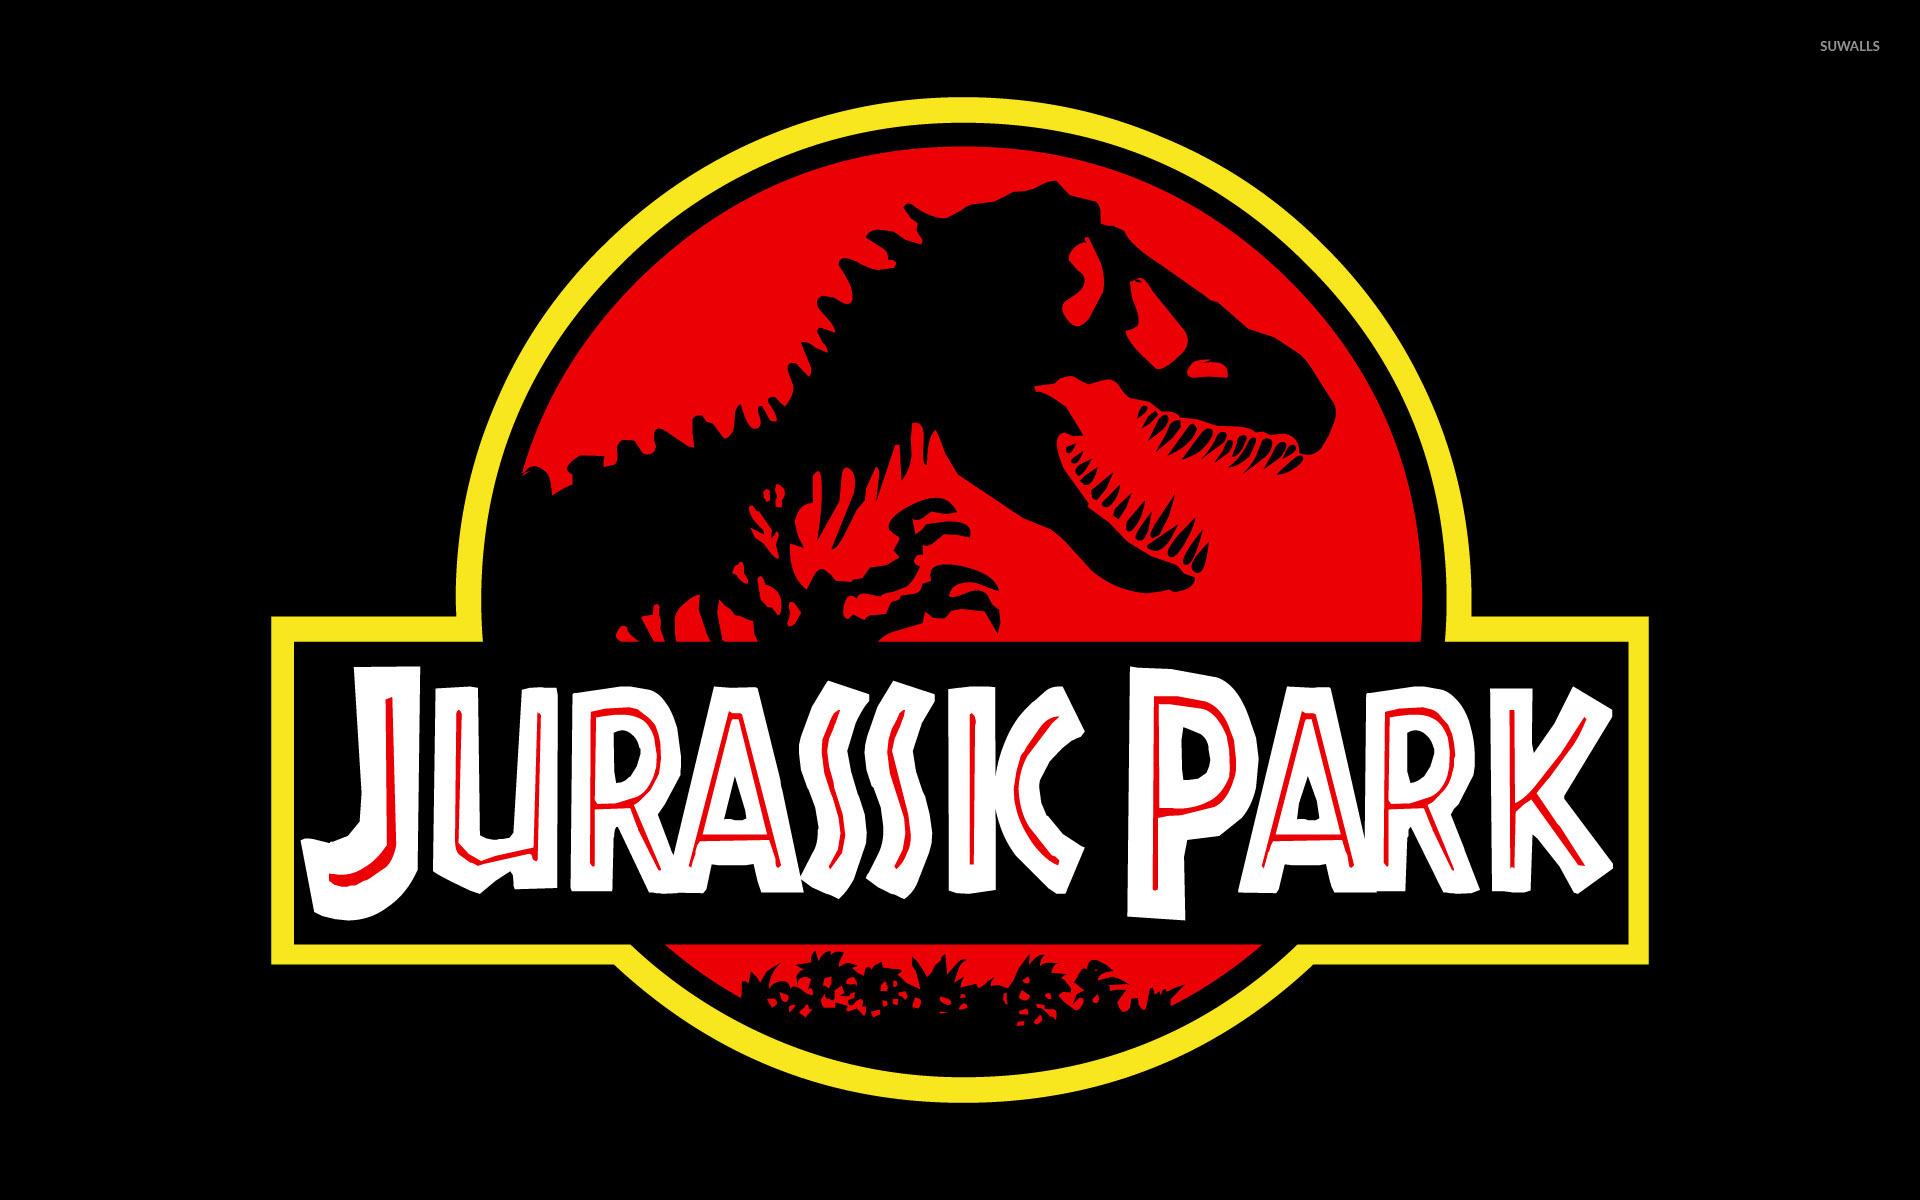 jurrasic park 5